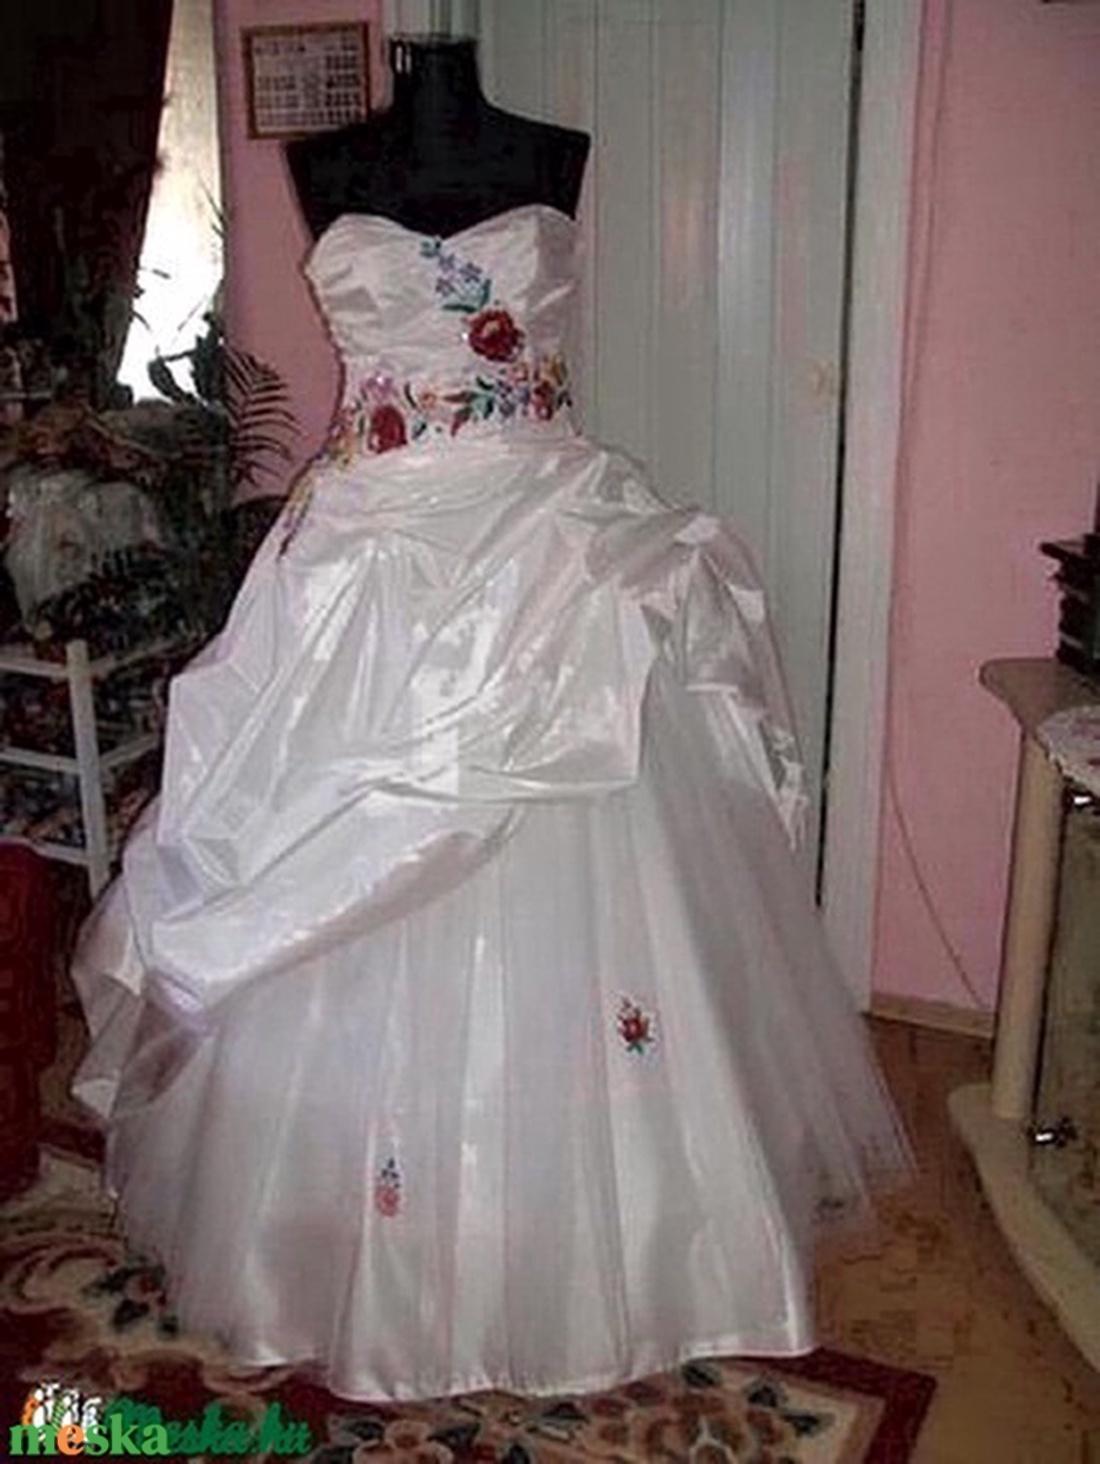 Kalocsai himzett menyasszonyi ruha 88d0561964